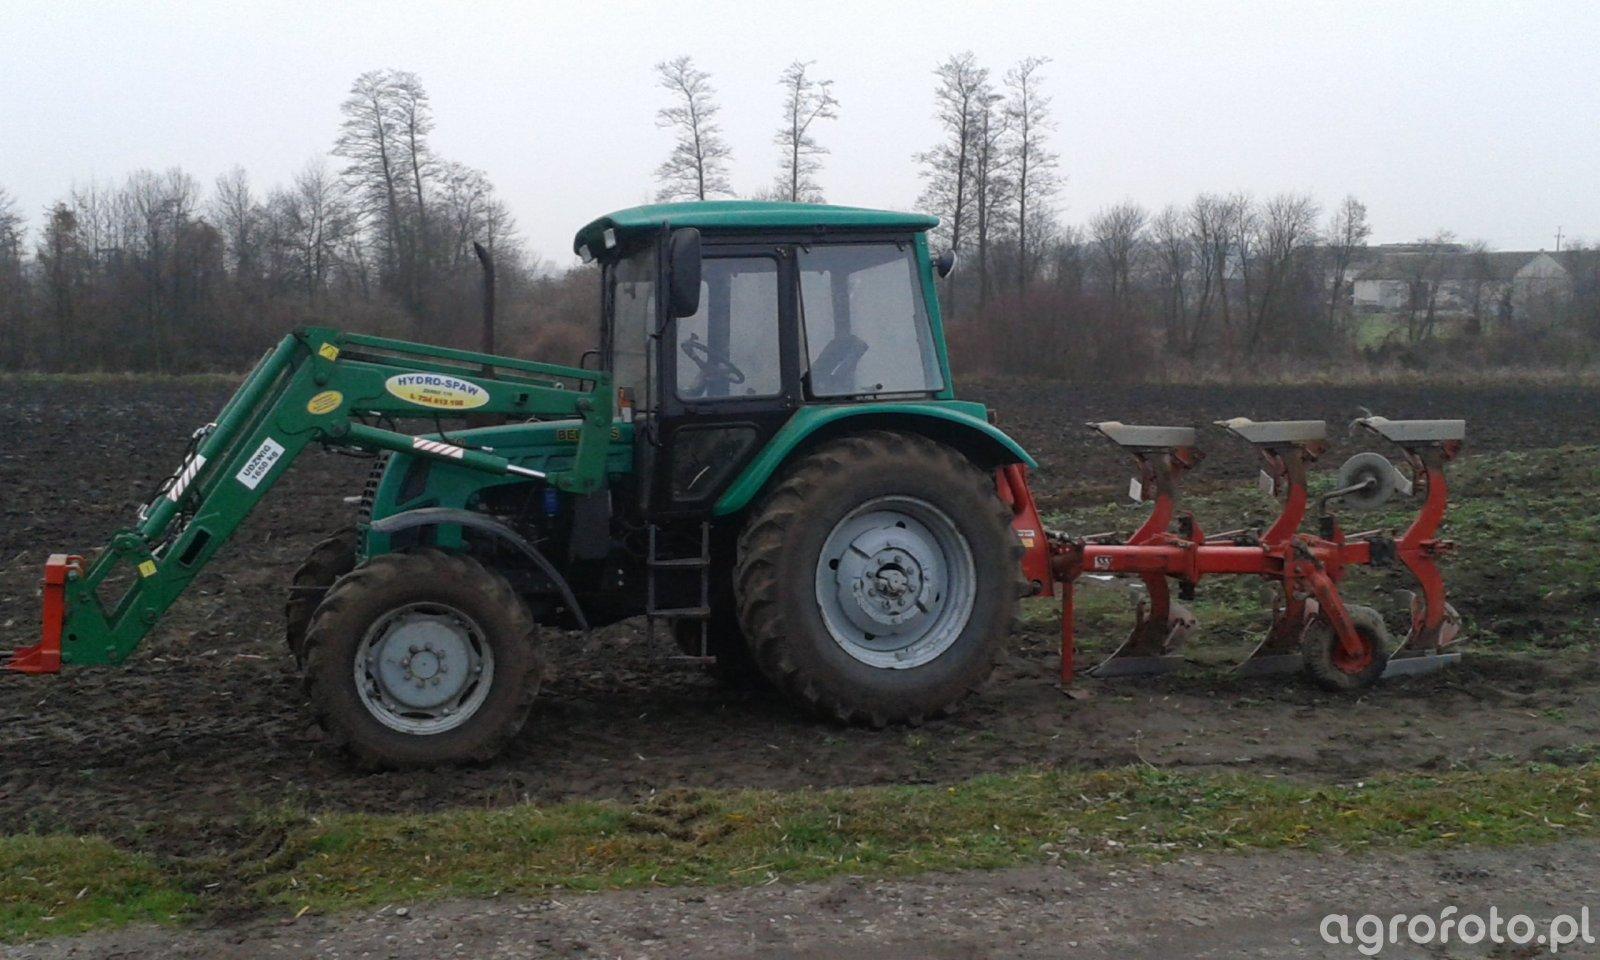 Belarus 920 + kverneland-fraugde 3